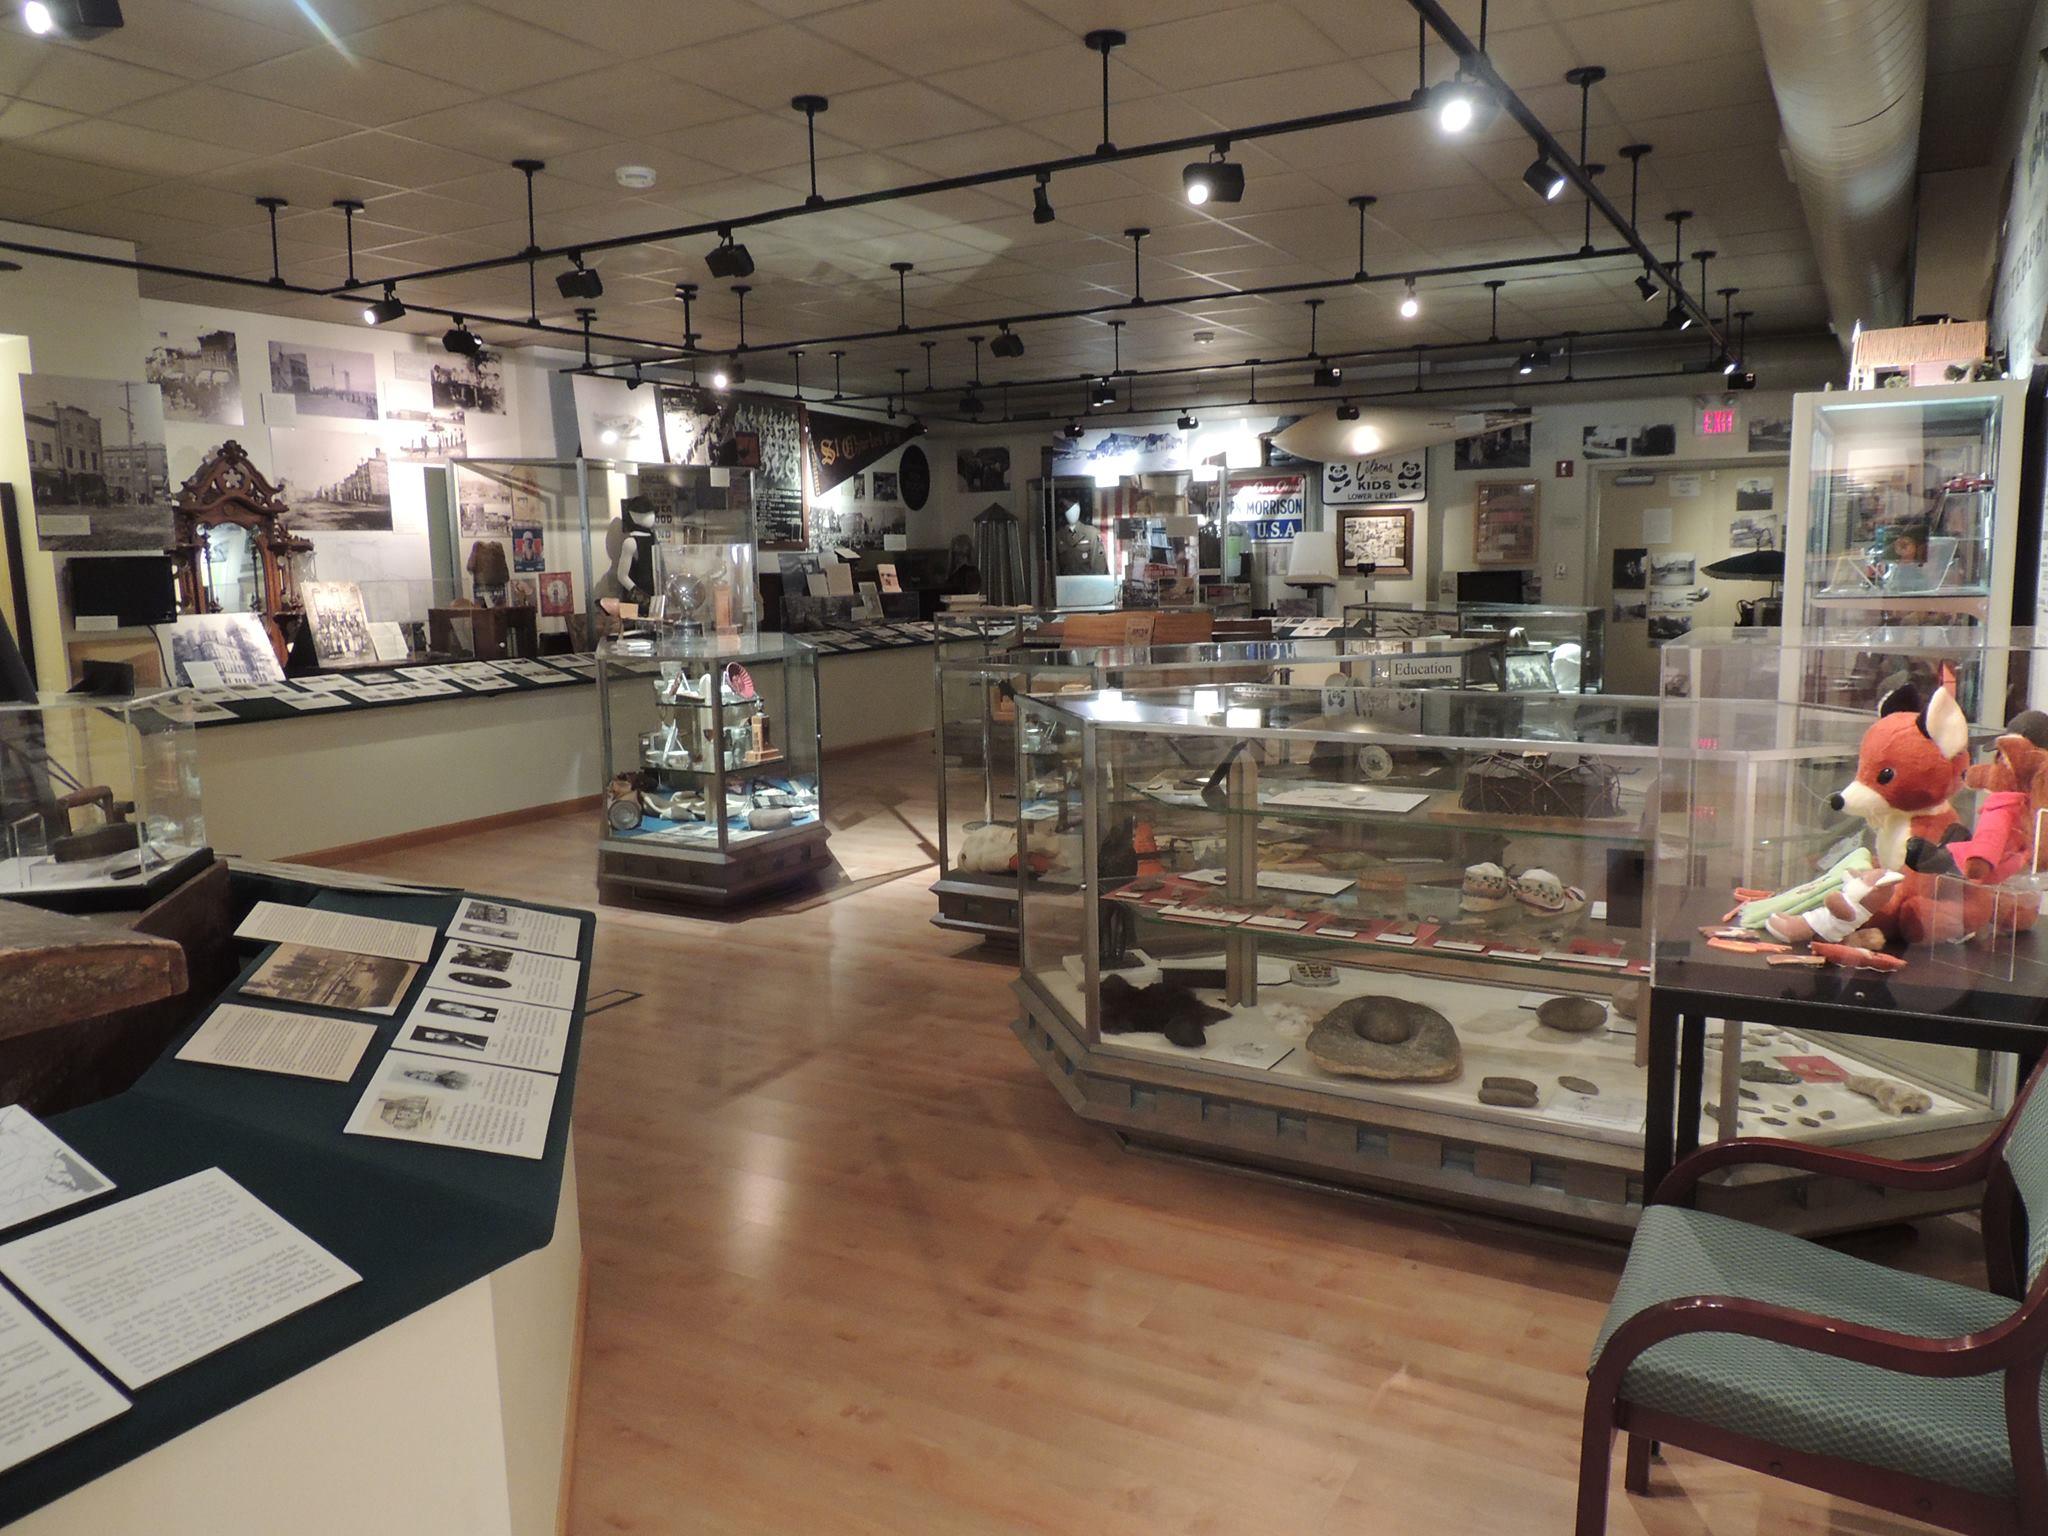 Exhibit Hall 2004